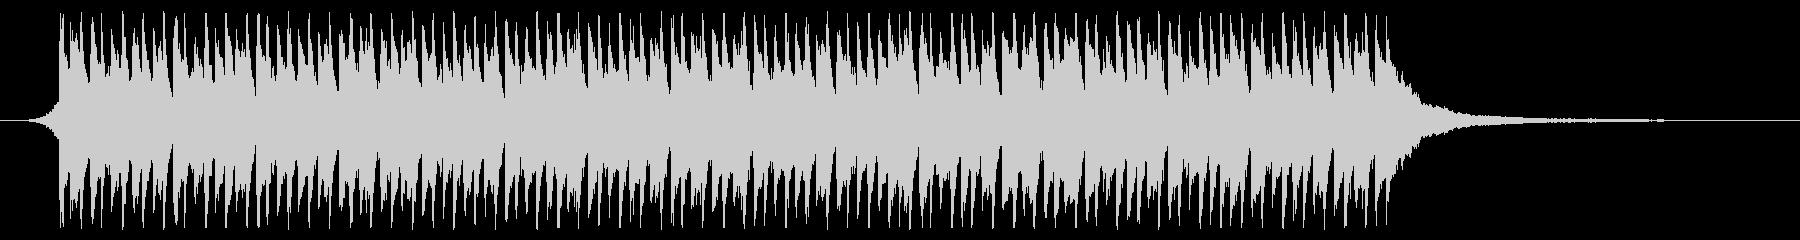 サビのみver 青空 ポジティブ ピアノの未再生の波形